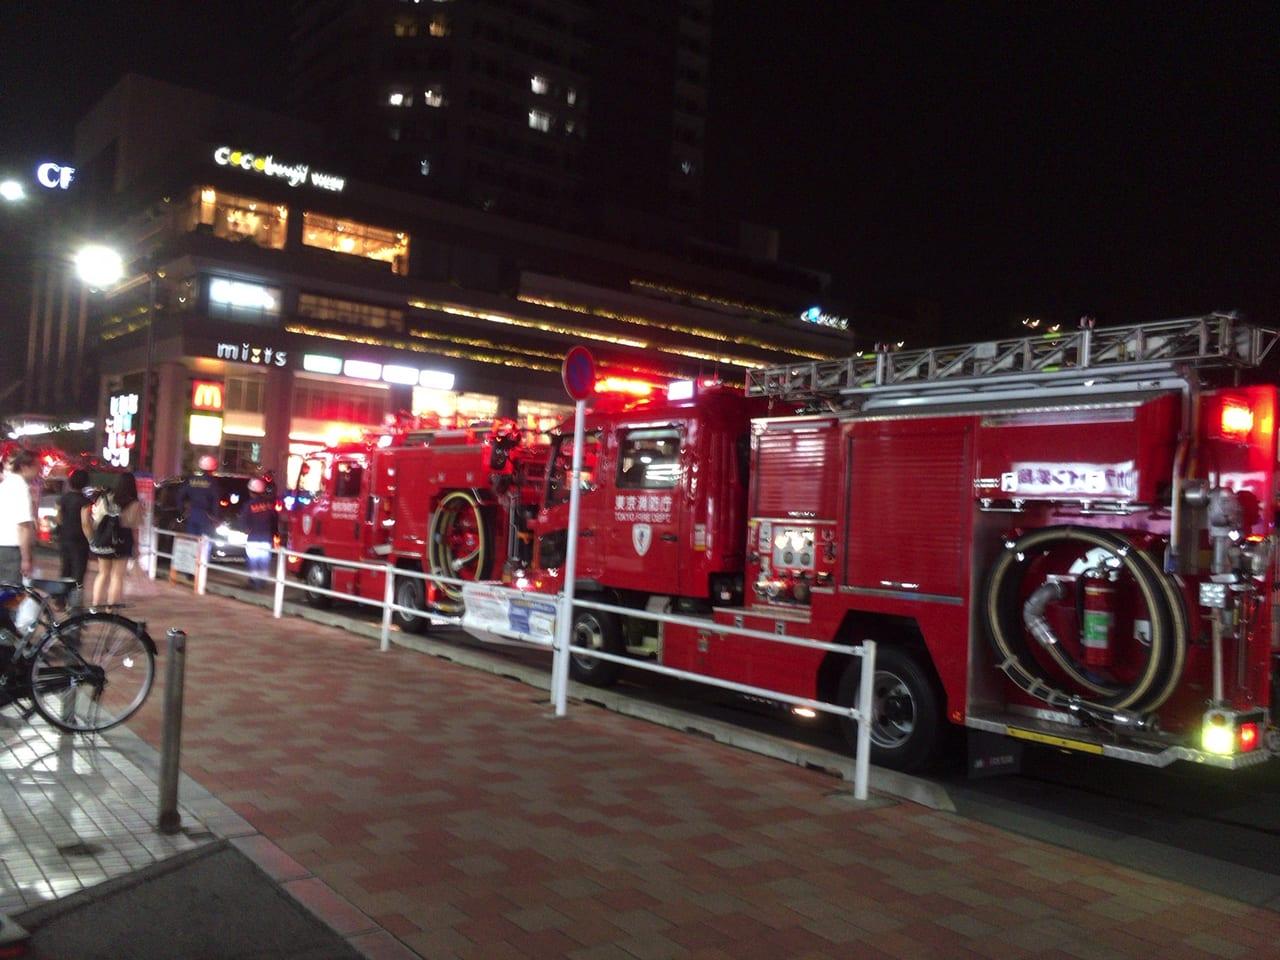 火災?!2020年6月29日(金)20時40分頃、国分寺駅北口に消防車が何台も・・・